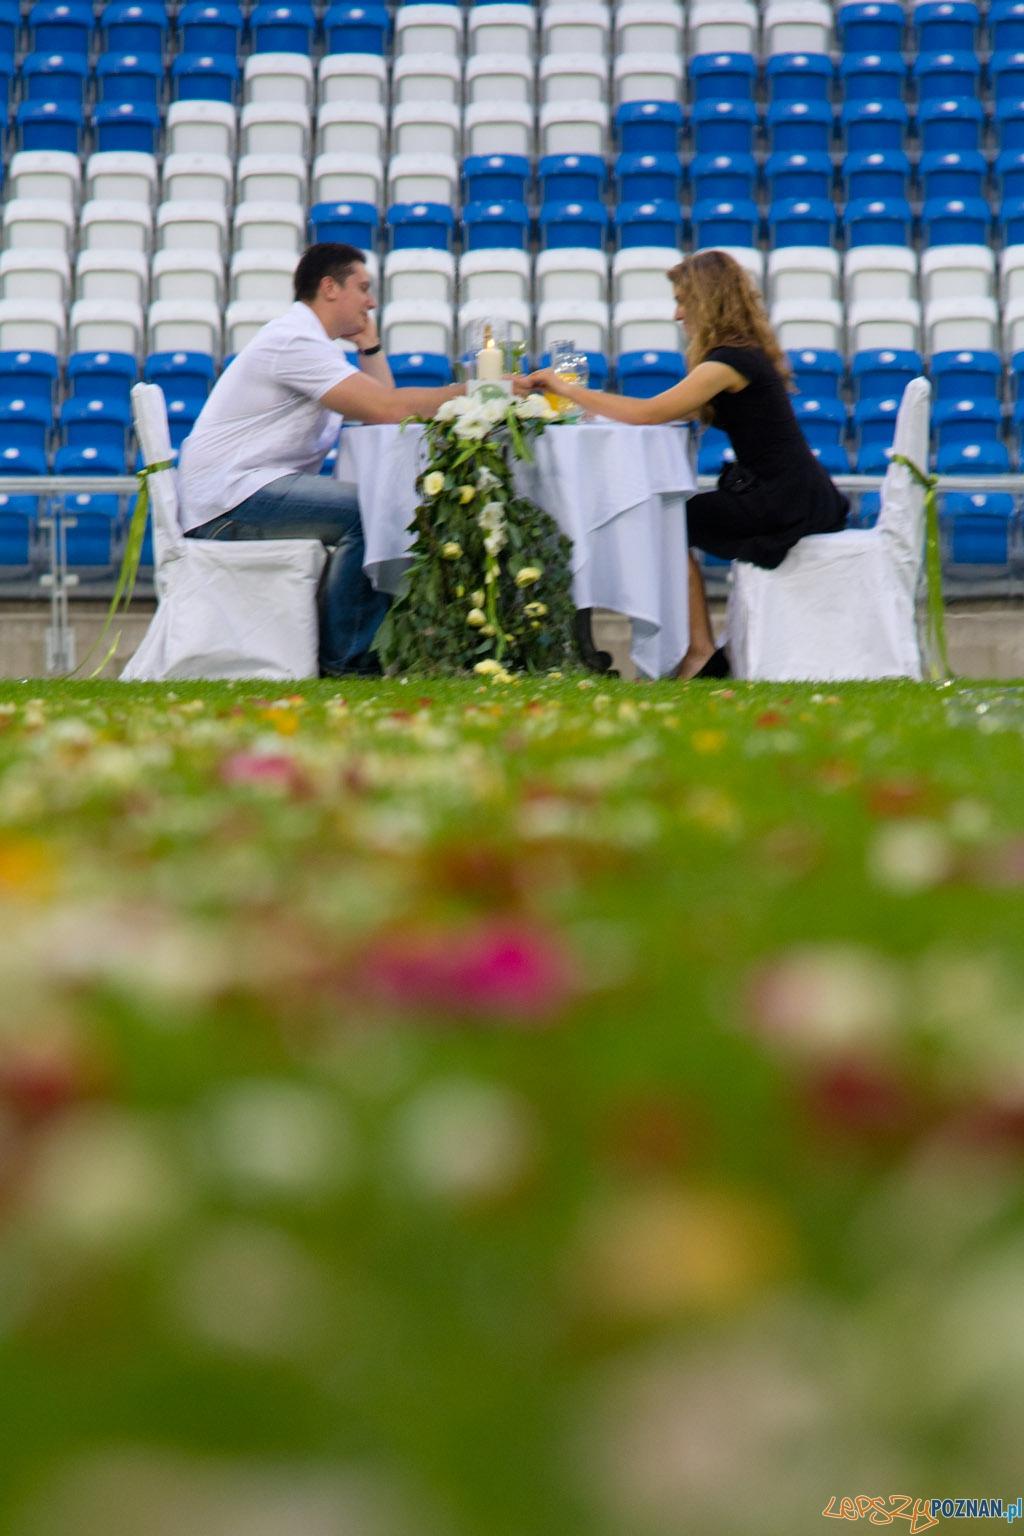 Kolacja na Stadionie Miejskim - 12.07.2011 r.  Foto: lepszyPOZNAN.pl / Piotr Rychter